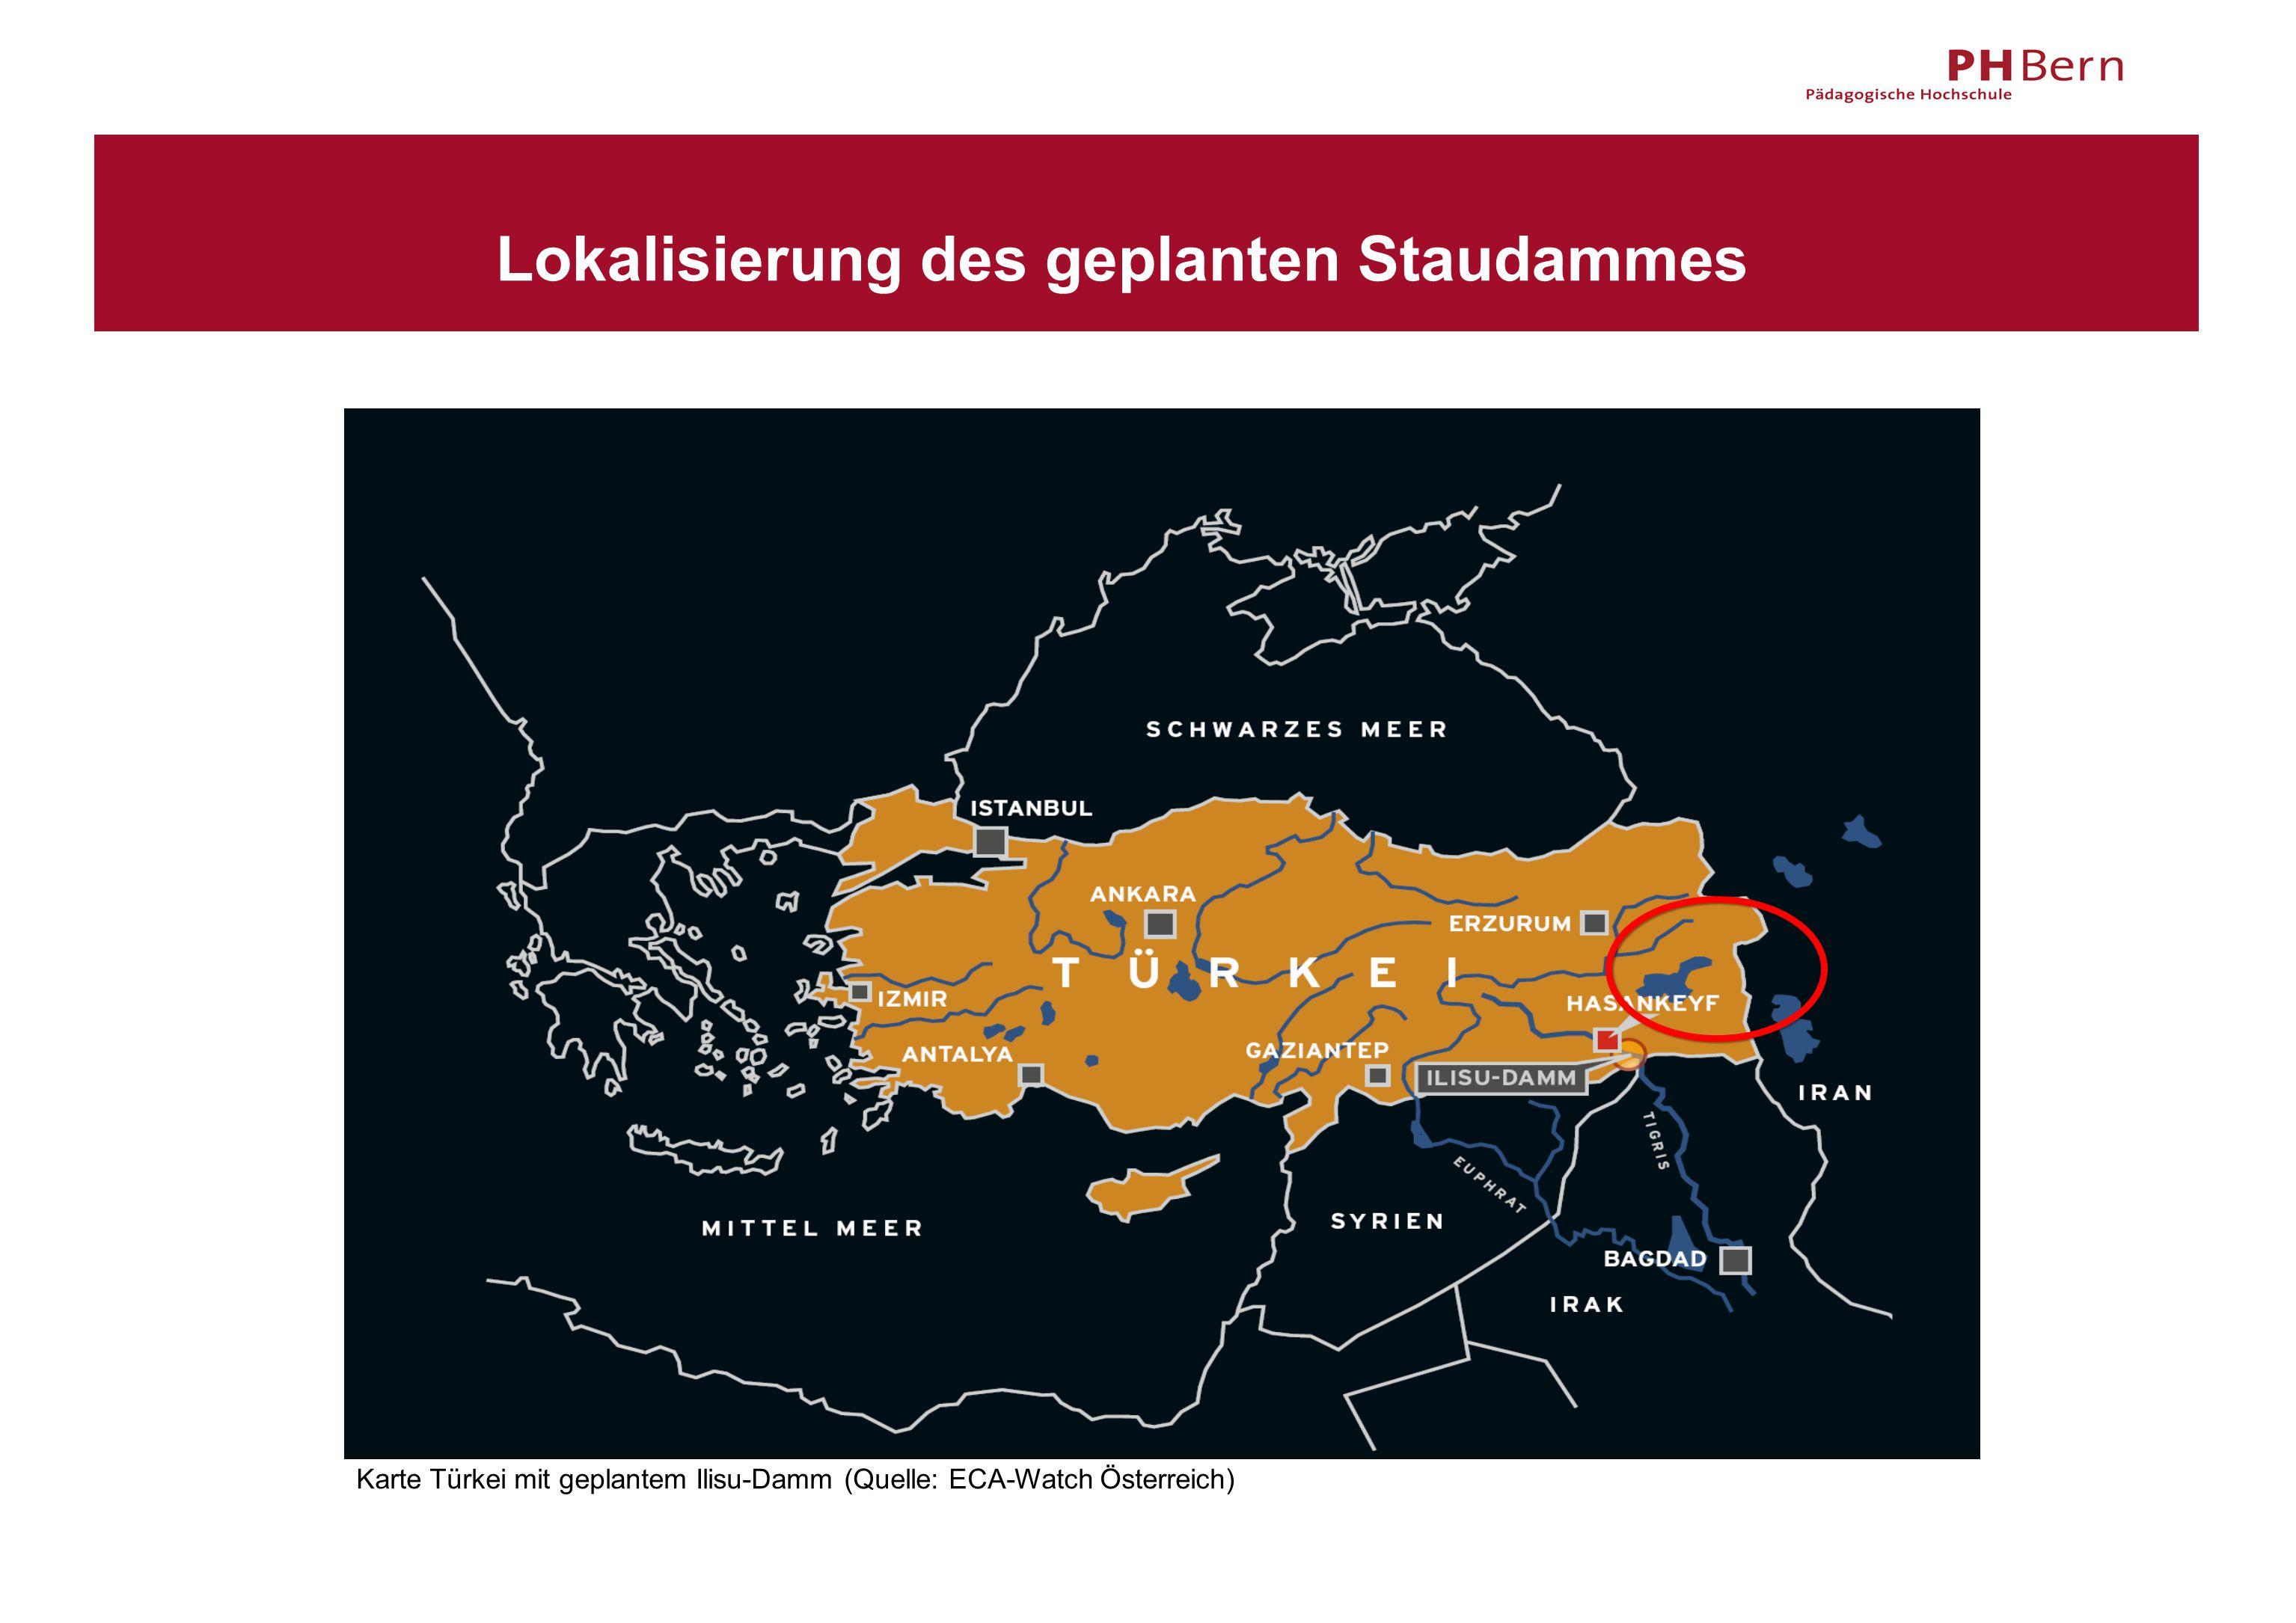 Lokalisierung des geplanten Staudammes Karte Türkei mit geplantem Ilisu-Damm (Quelle: ECA-Watch Österreich)